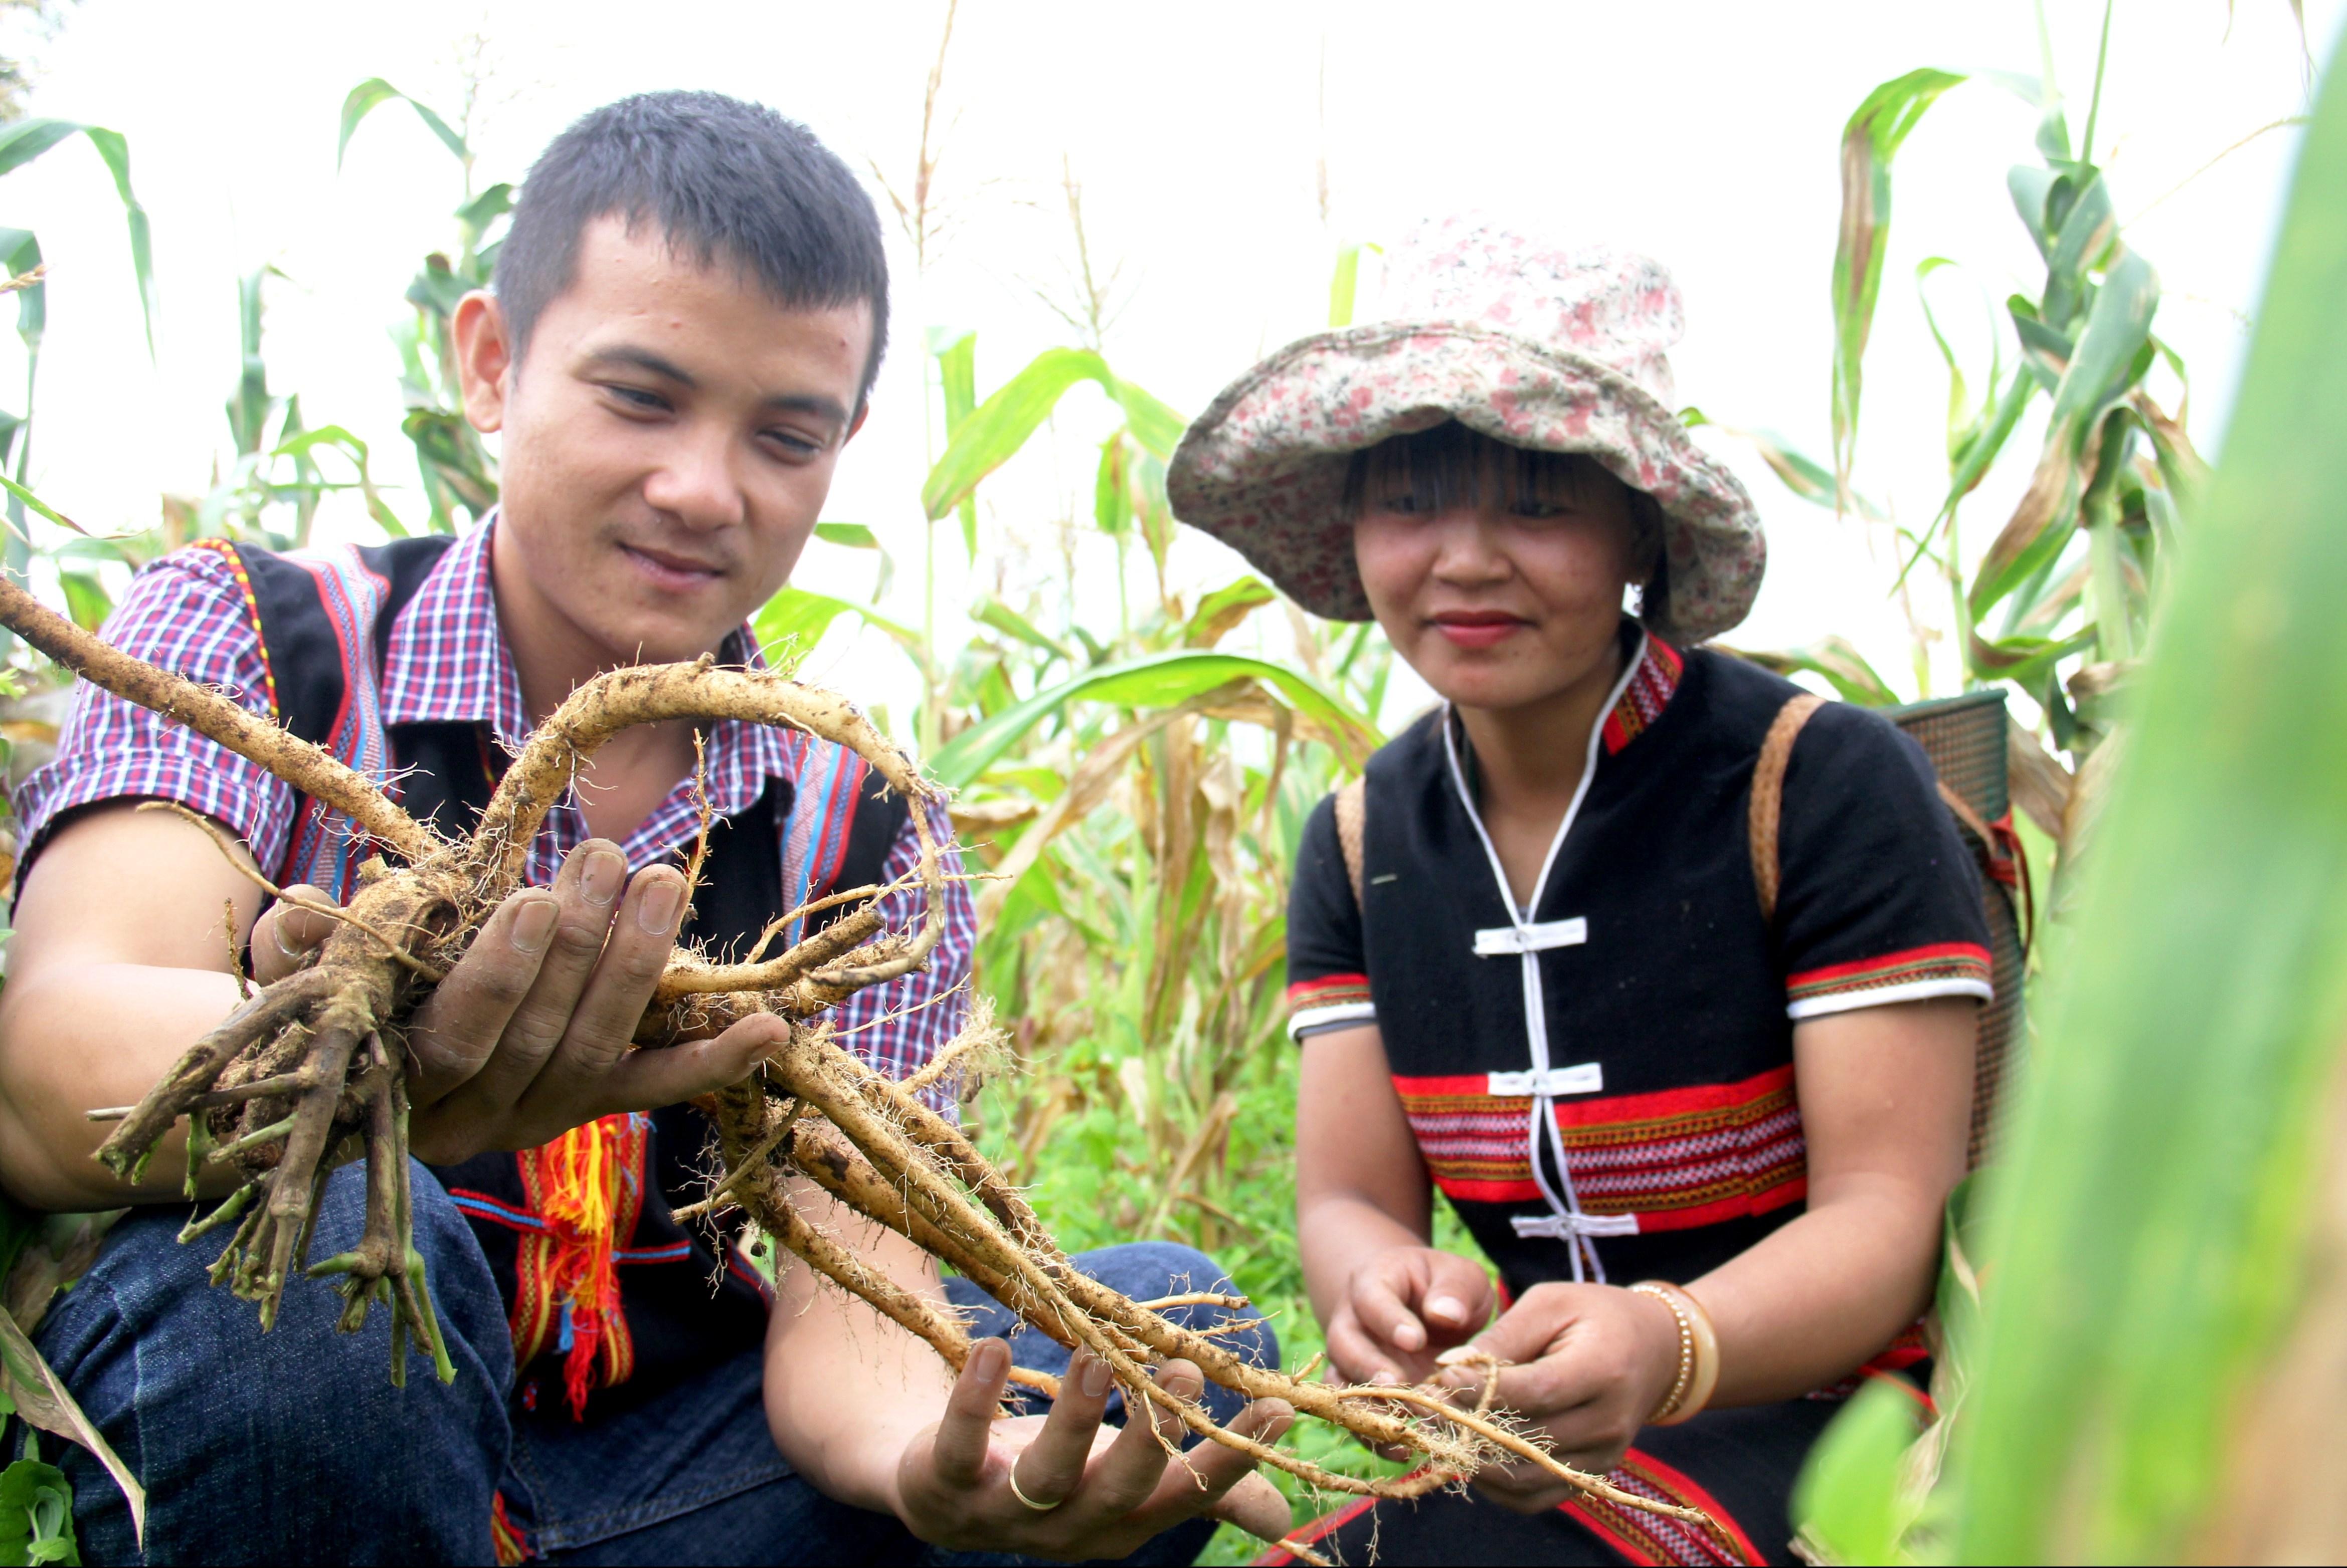 Từ chính sách hỗ trợ của Nhà nước, nhiều mô hình phát triển kinh tế ở Tây Giang được chú trọng, góp phần nâng cao thu nhập cho đồng bào địa phương.